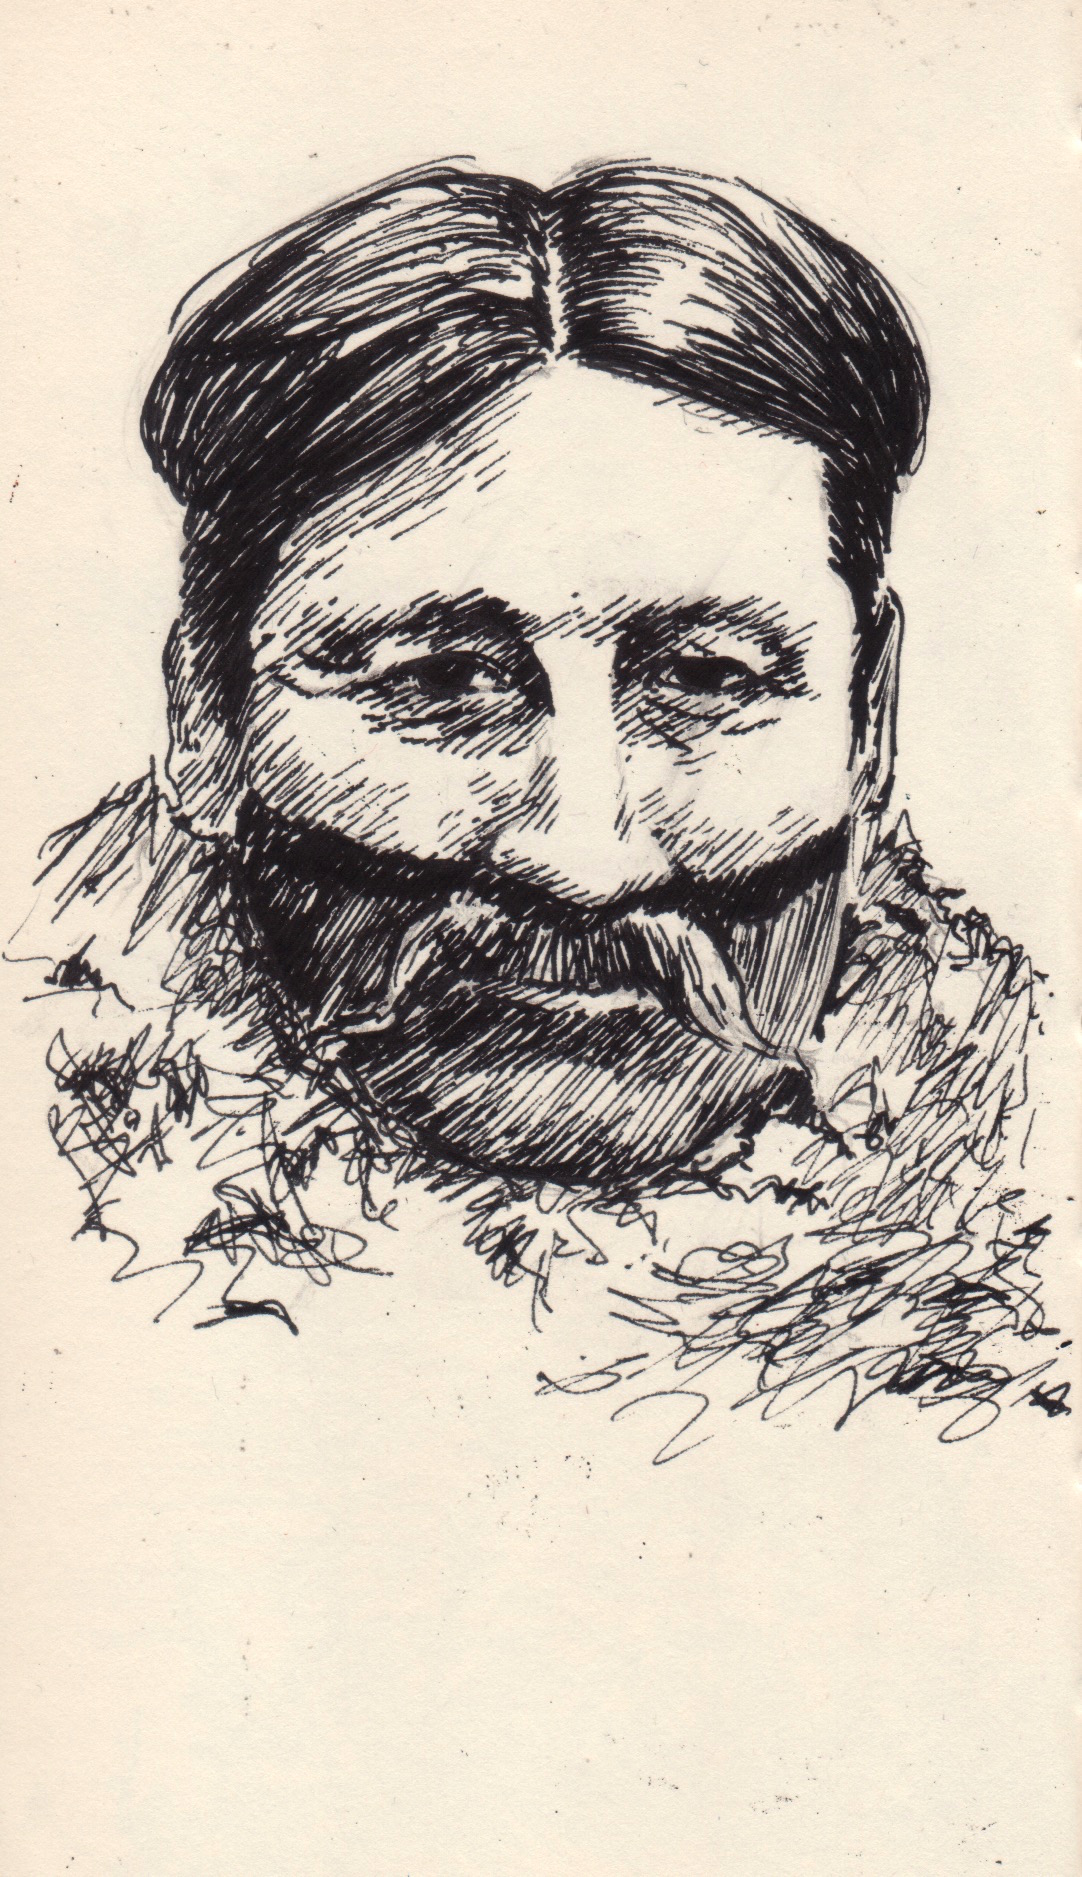 Tenesek 1923, principal Hain